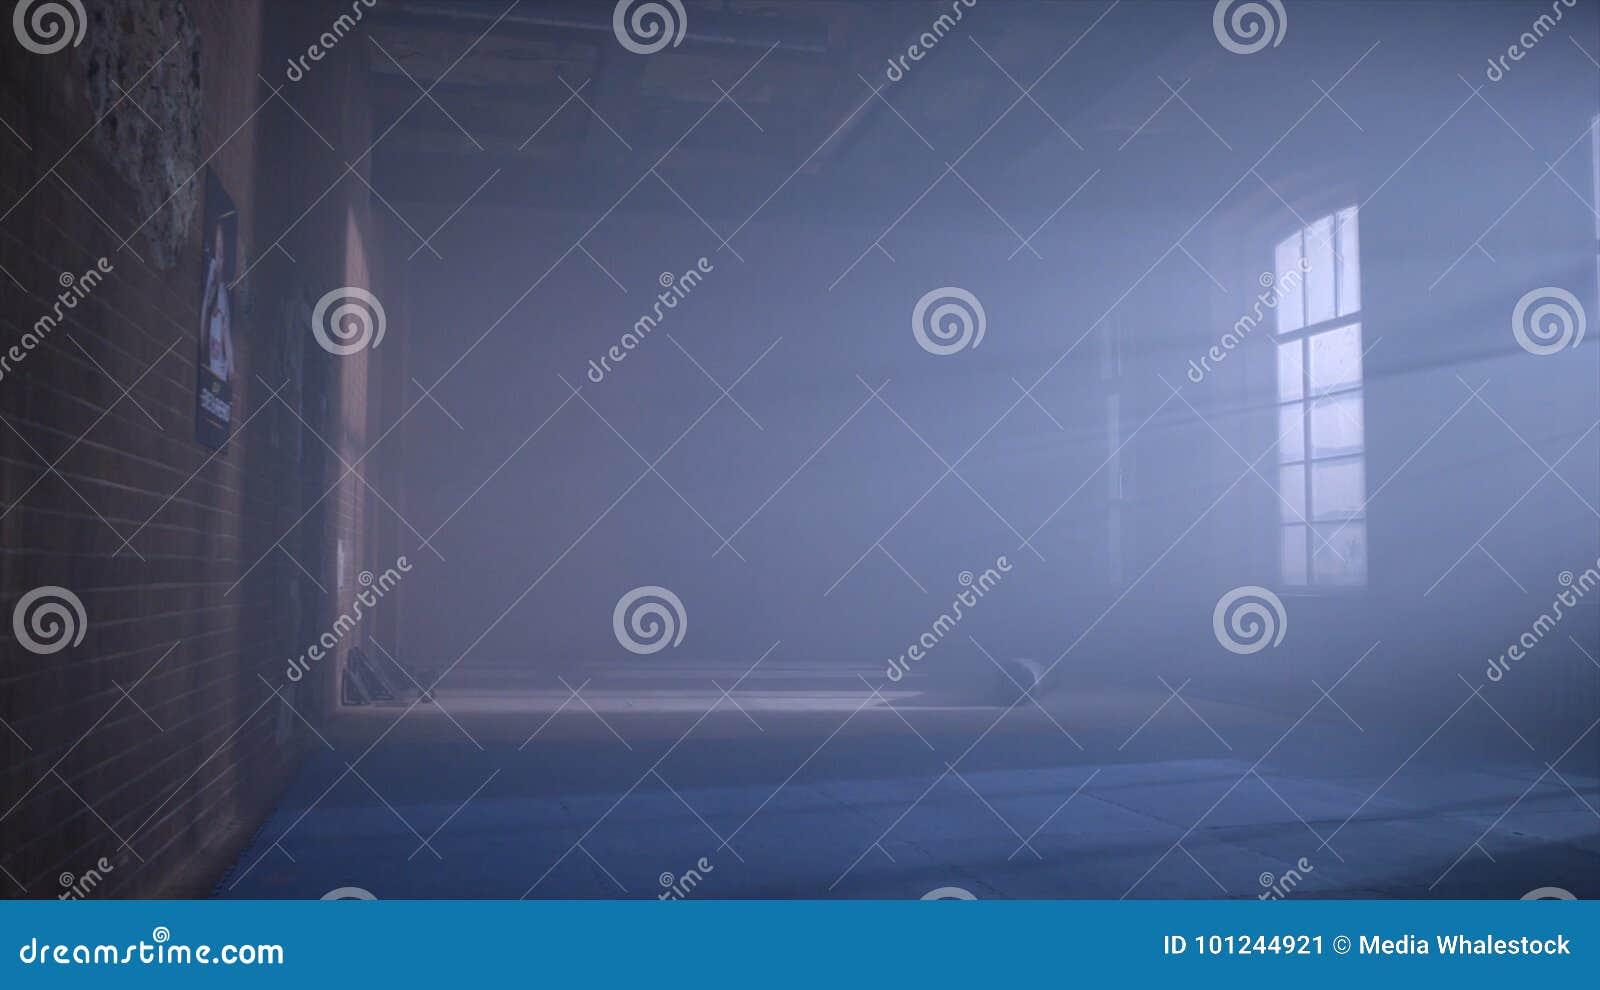 Γυμναστική στο υπόγειο Εσωτερικό μιας εγκιβωτίζοντας αίθουσας στο ύφος σοφιτών Κενό δωμάτιο πάλης Εσωτερικό γυμναστικής Grunge με